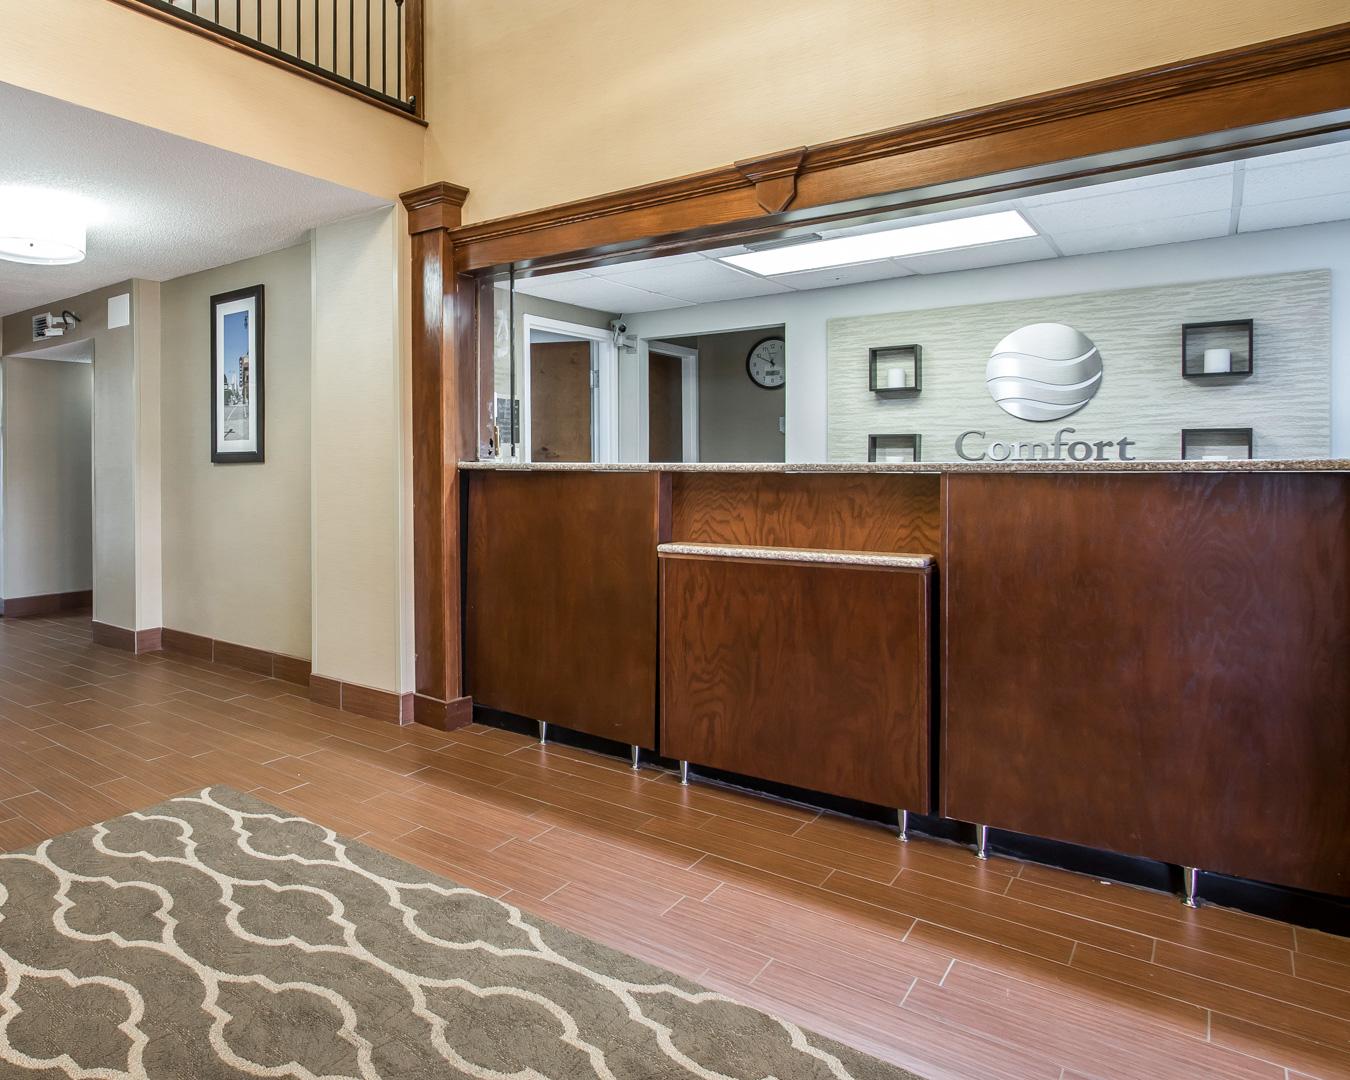 Comfort Inn, Livingston AL